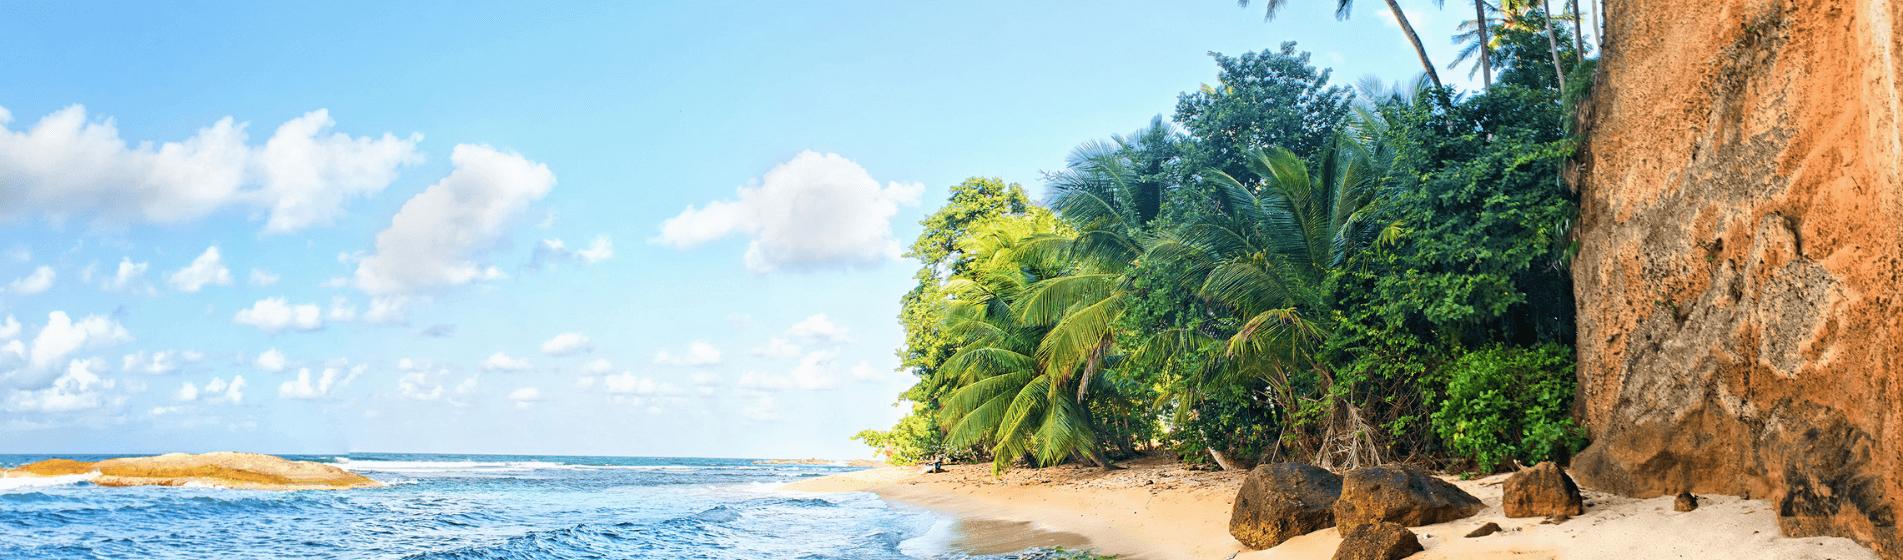 Dominica Citizenship By Investment Entrepreneur Visa Program